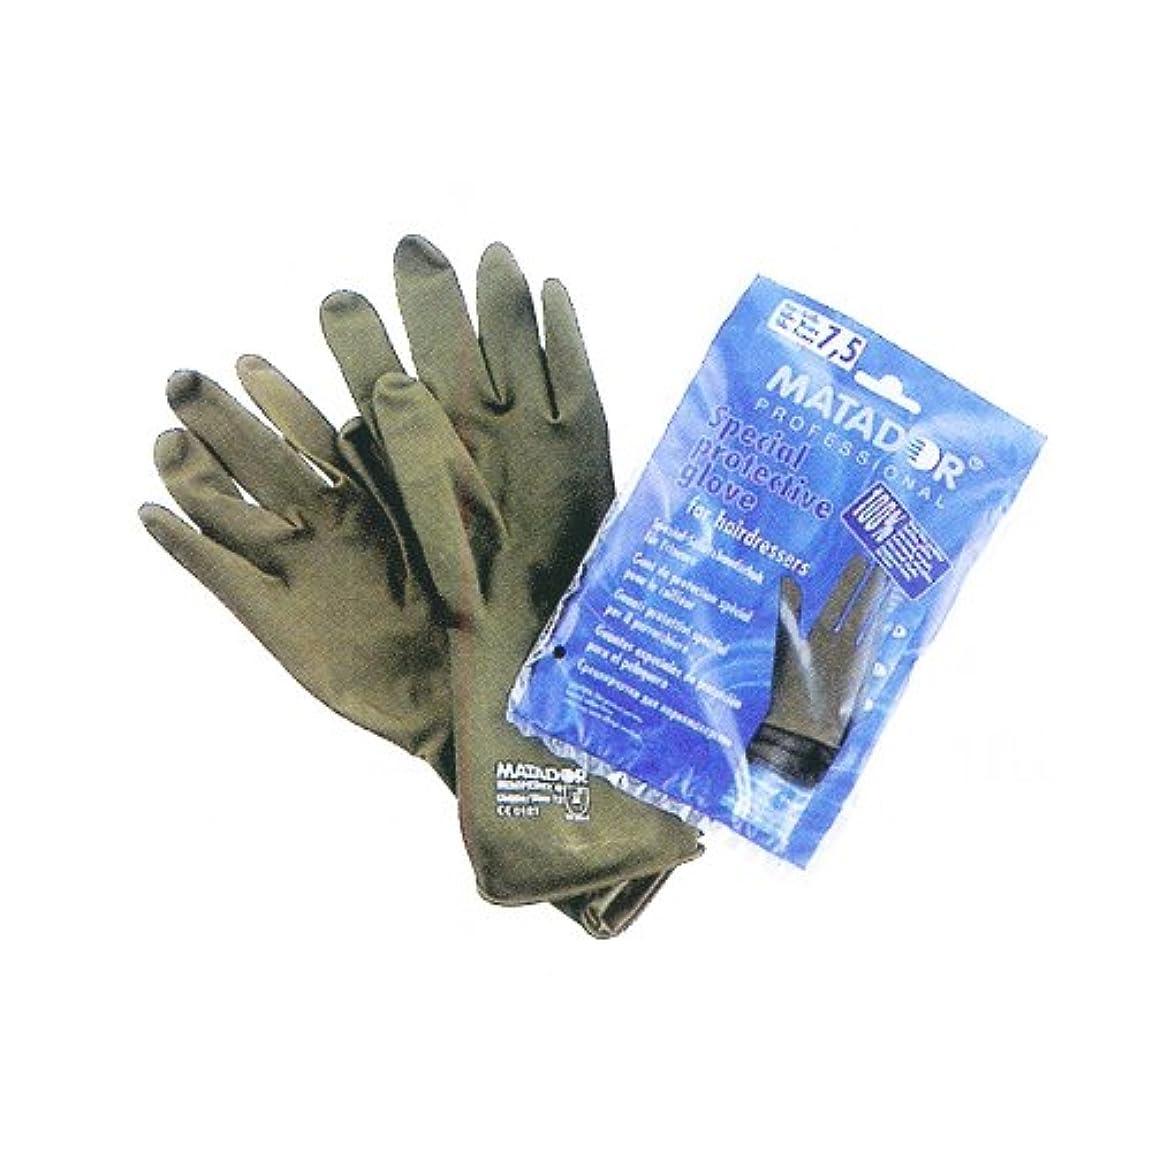 階下原子炉愛するマタドールゴム手袋 7.0吋